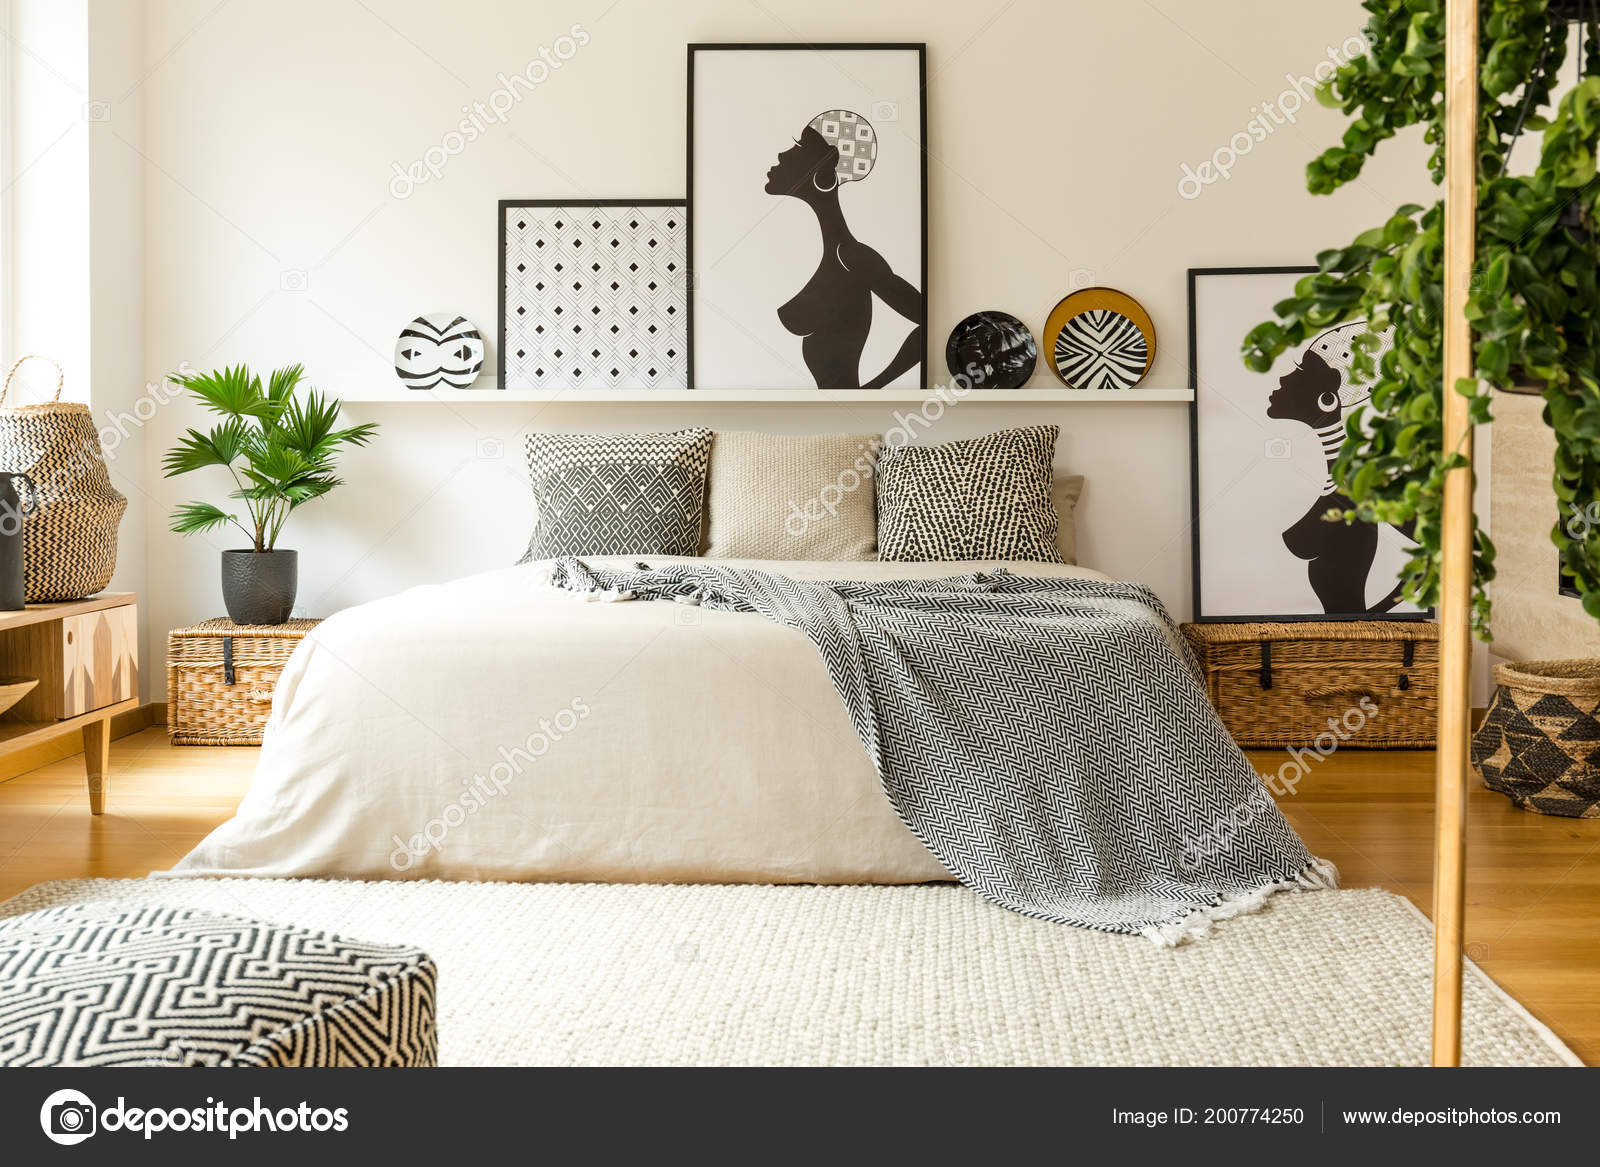 Posters patroon platen boven bed scandi slaapkamer interieur met